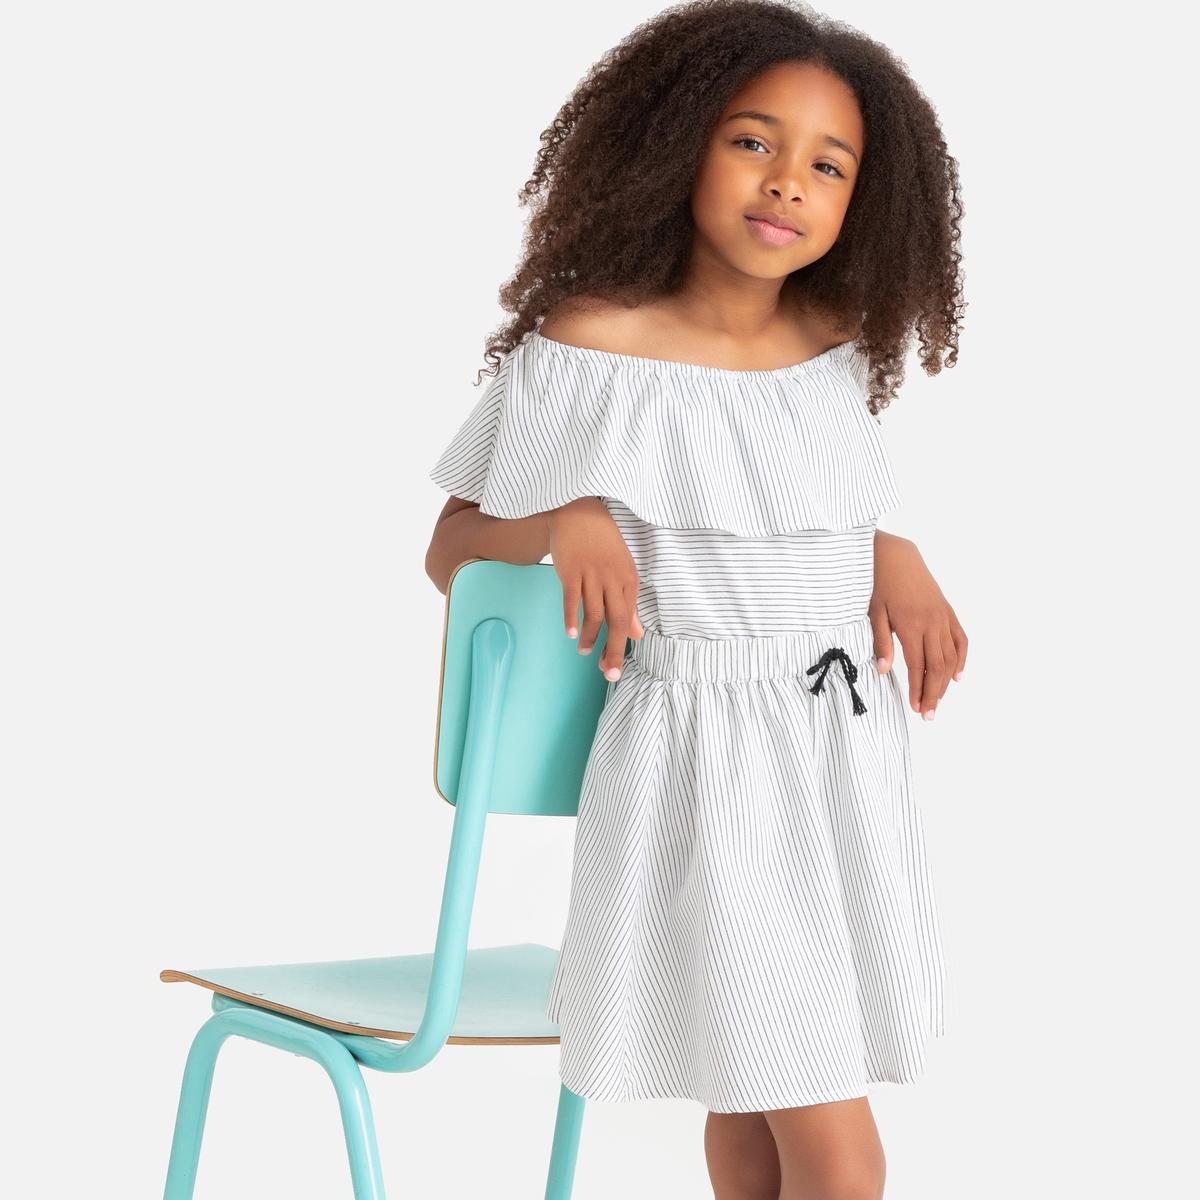 Комплект в полоску из La Redoute Предметов блузка и юбка 3 года - 94 см другие комплект из пижам из la redoute предметов мес года 3 года 94 см серый